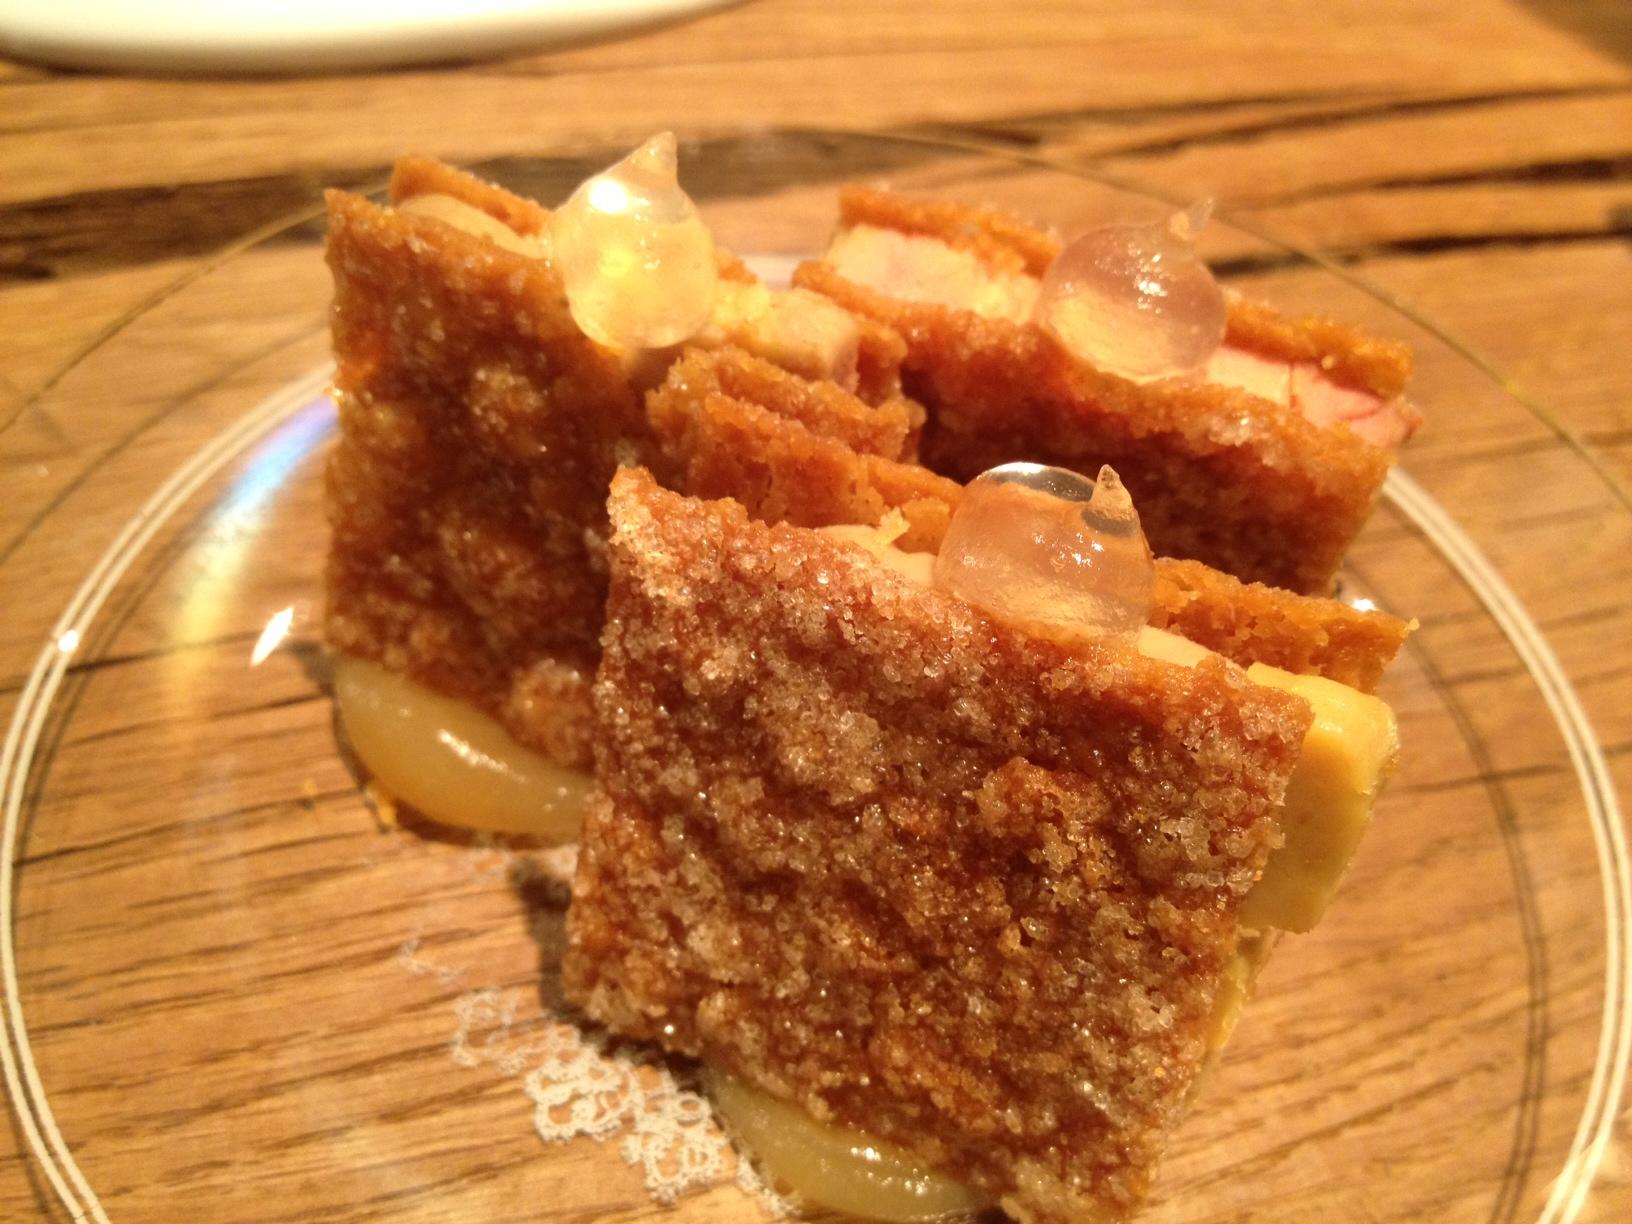 Restaurante en Valencia Pastisset de boniato, aguardiente y foie